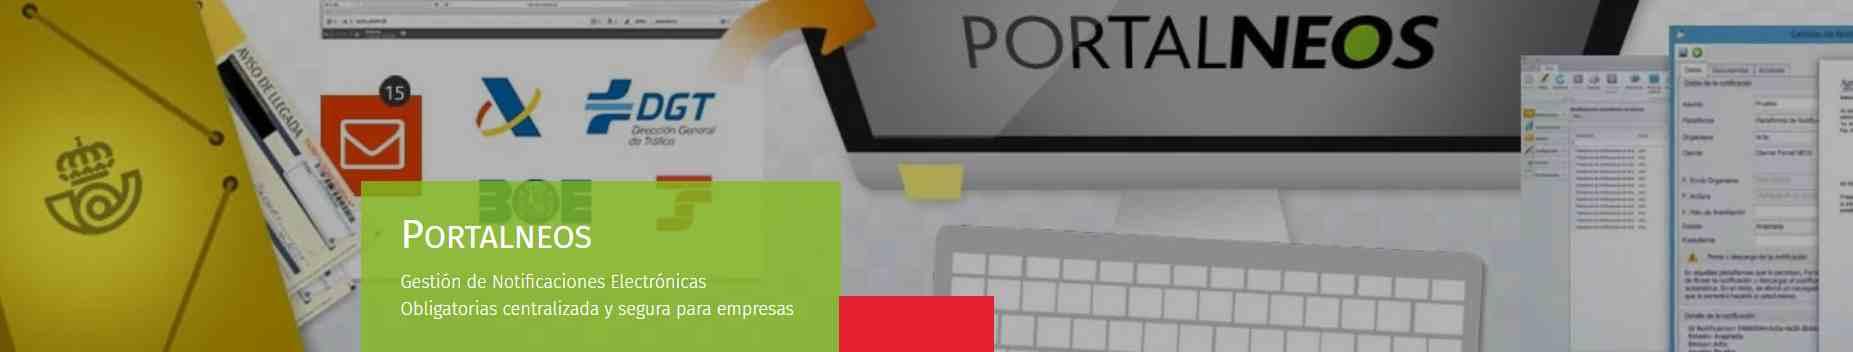 Portal-NEOS-